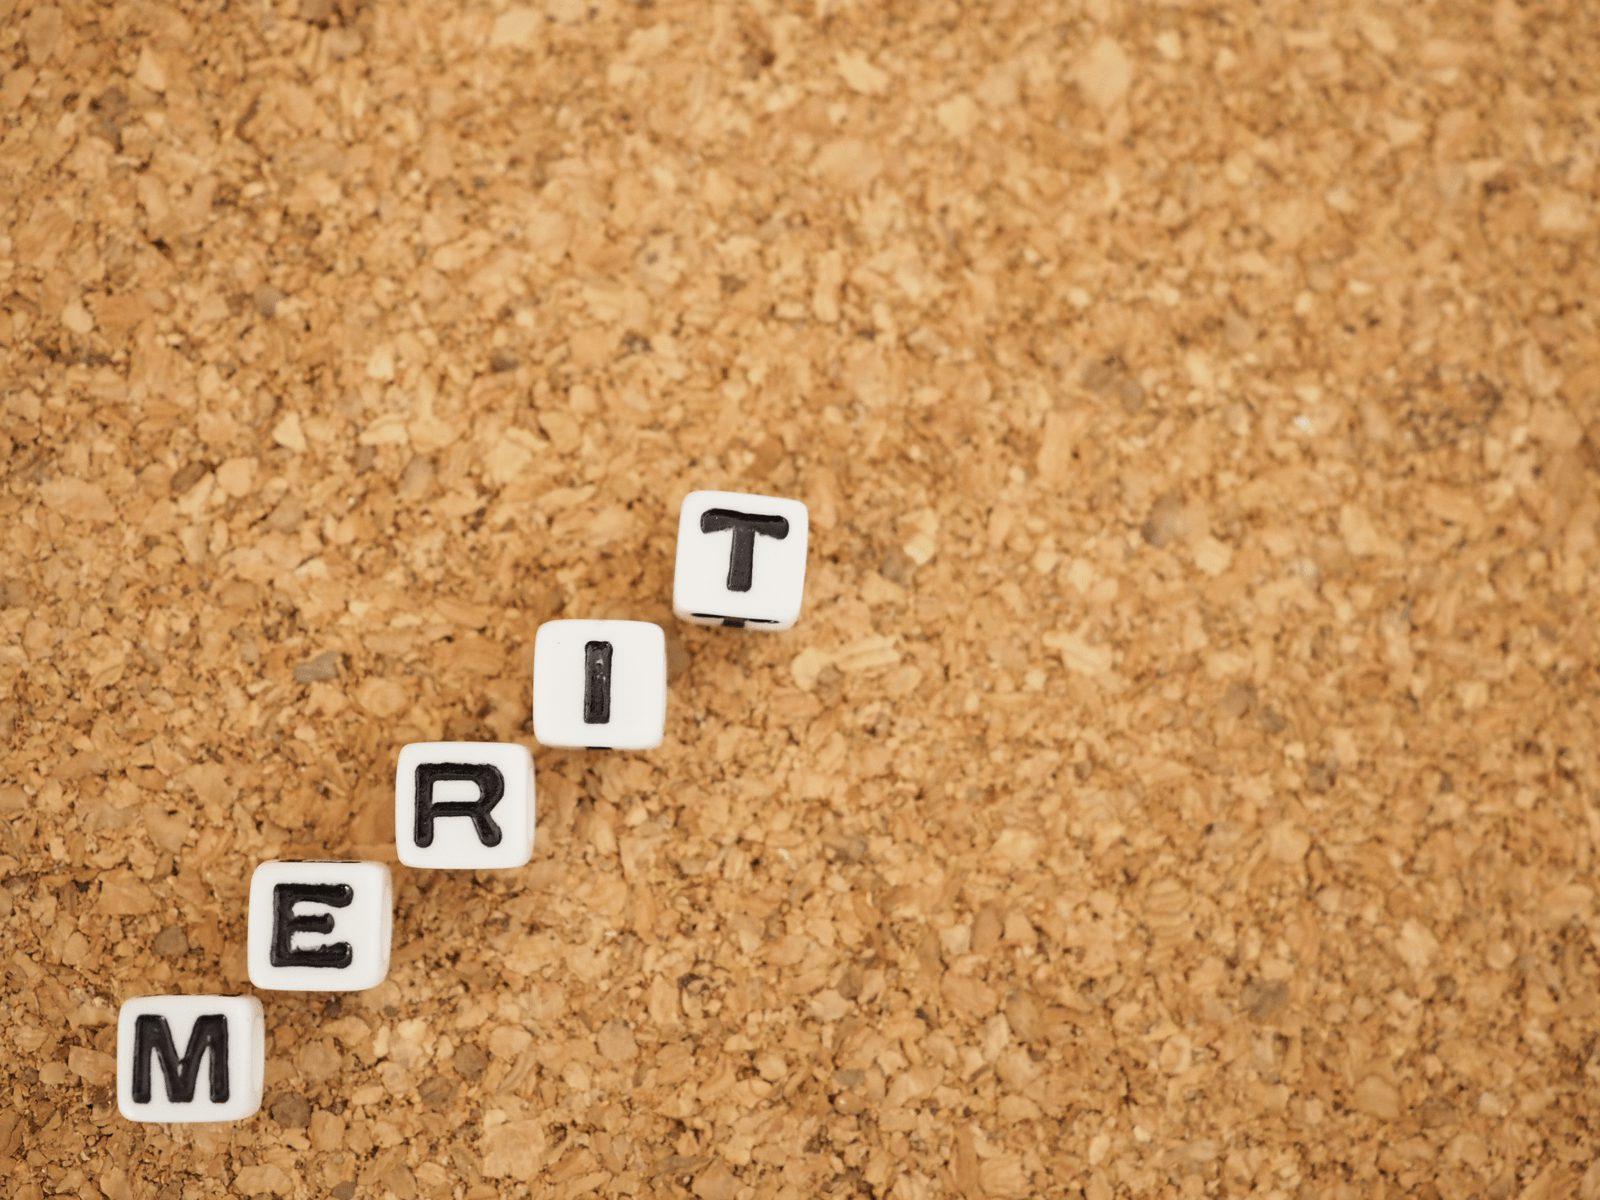 コルクボードに置かれた、メリットという単語の四角いキューブ